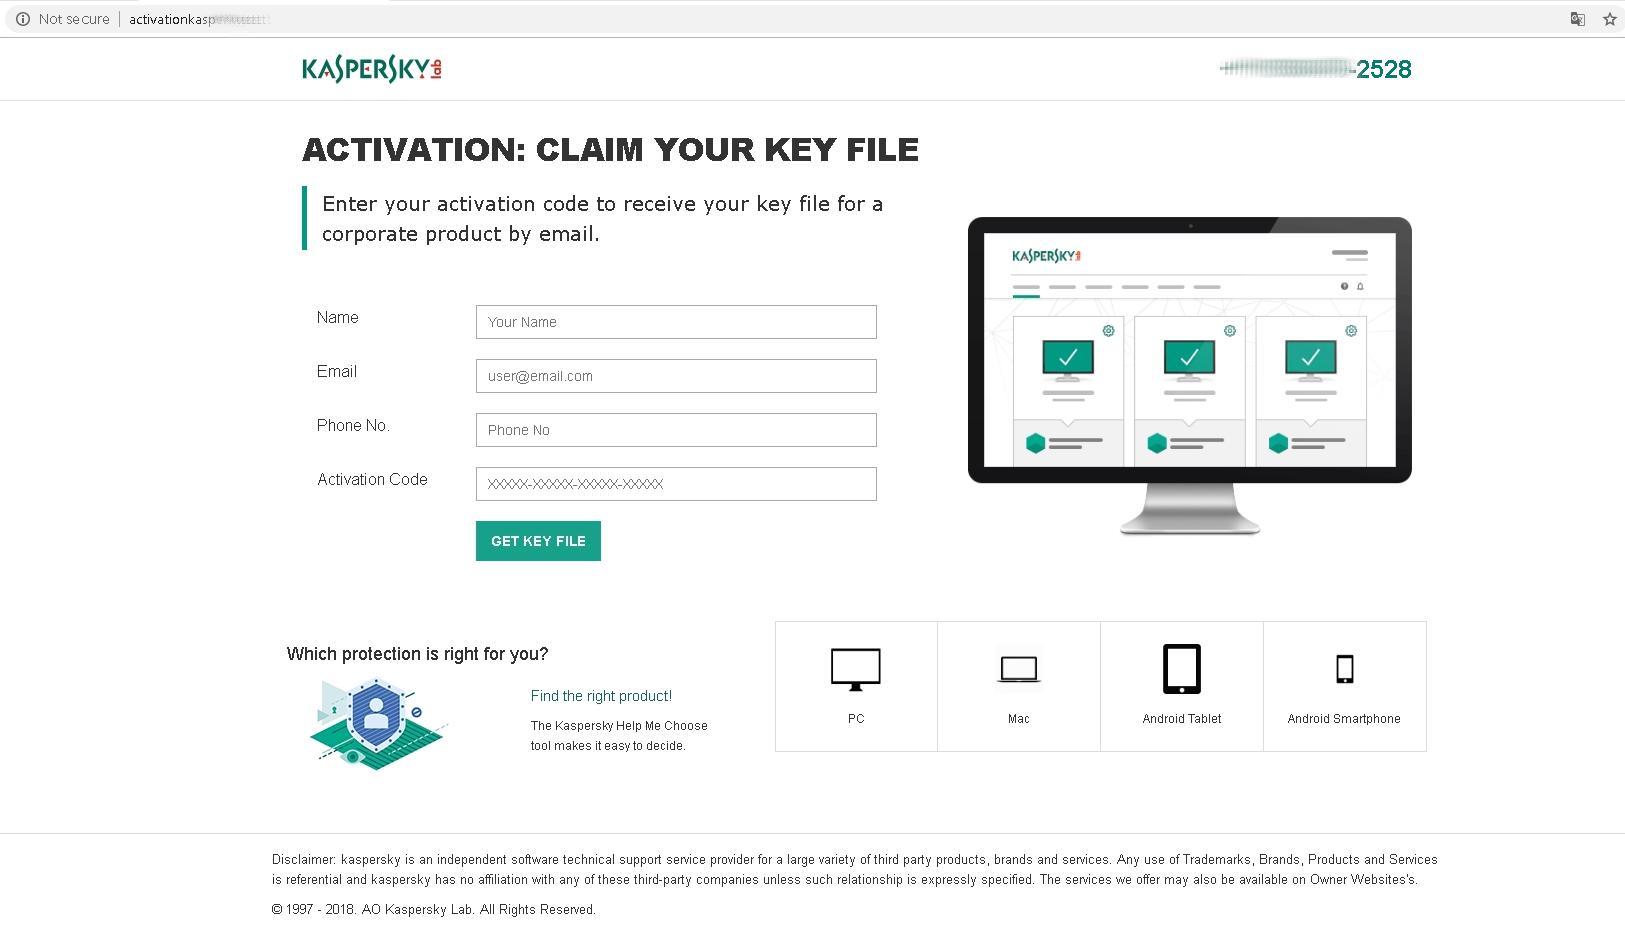 Este sitio web de soporte técnico falso de Kaspersky Lab solicita el código de activación de antivirus del usuario